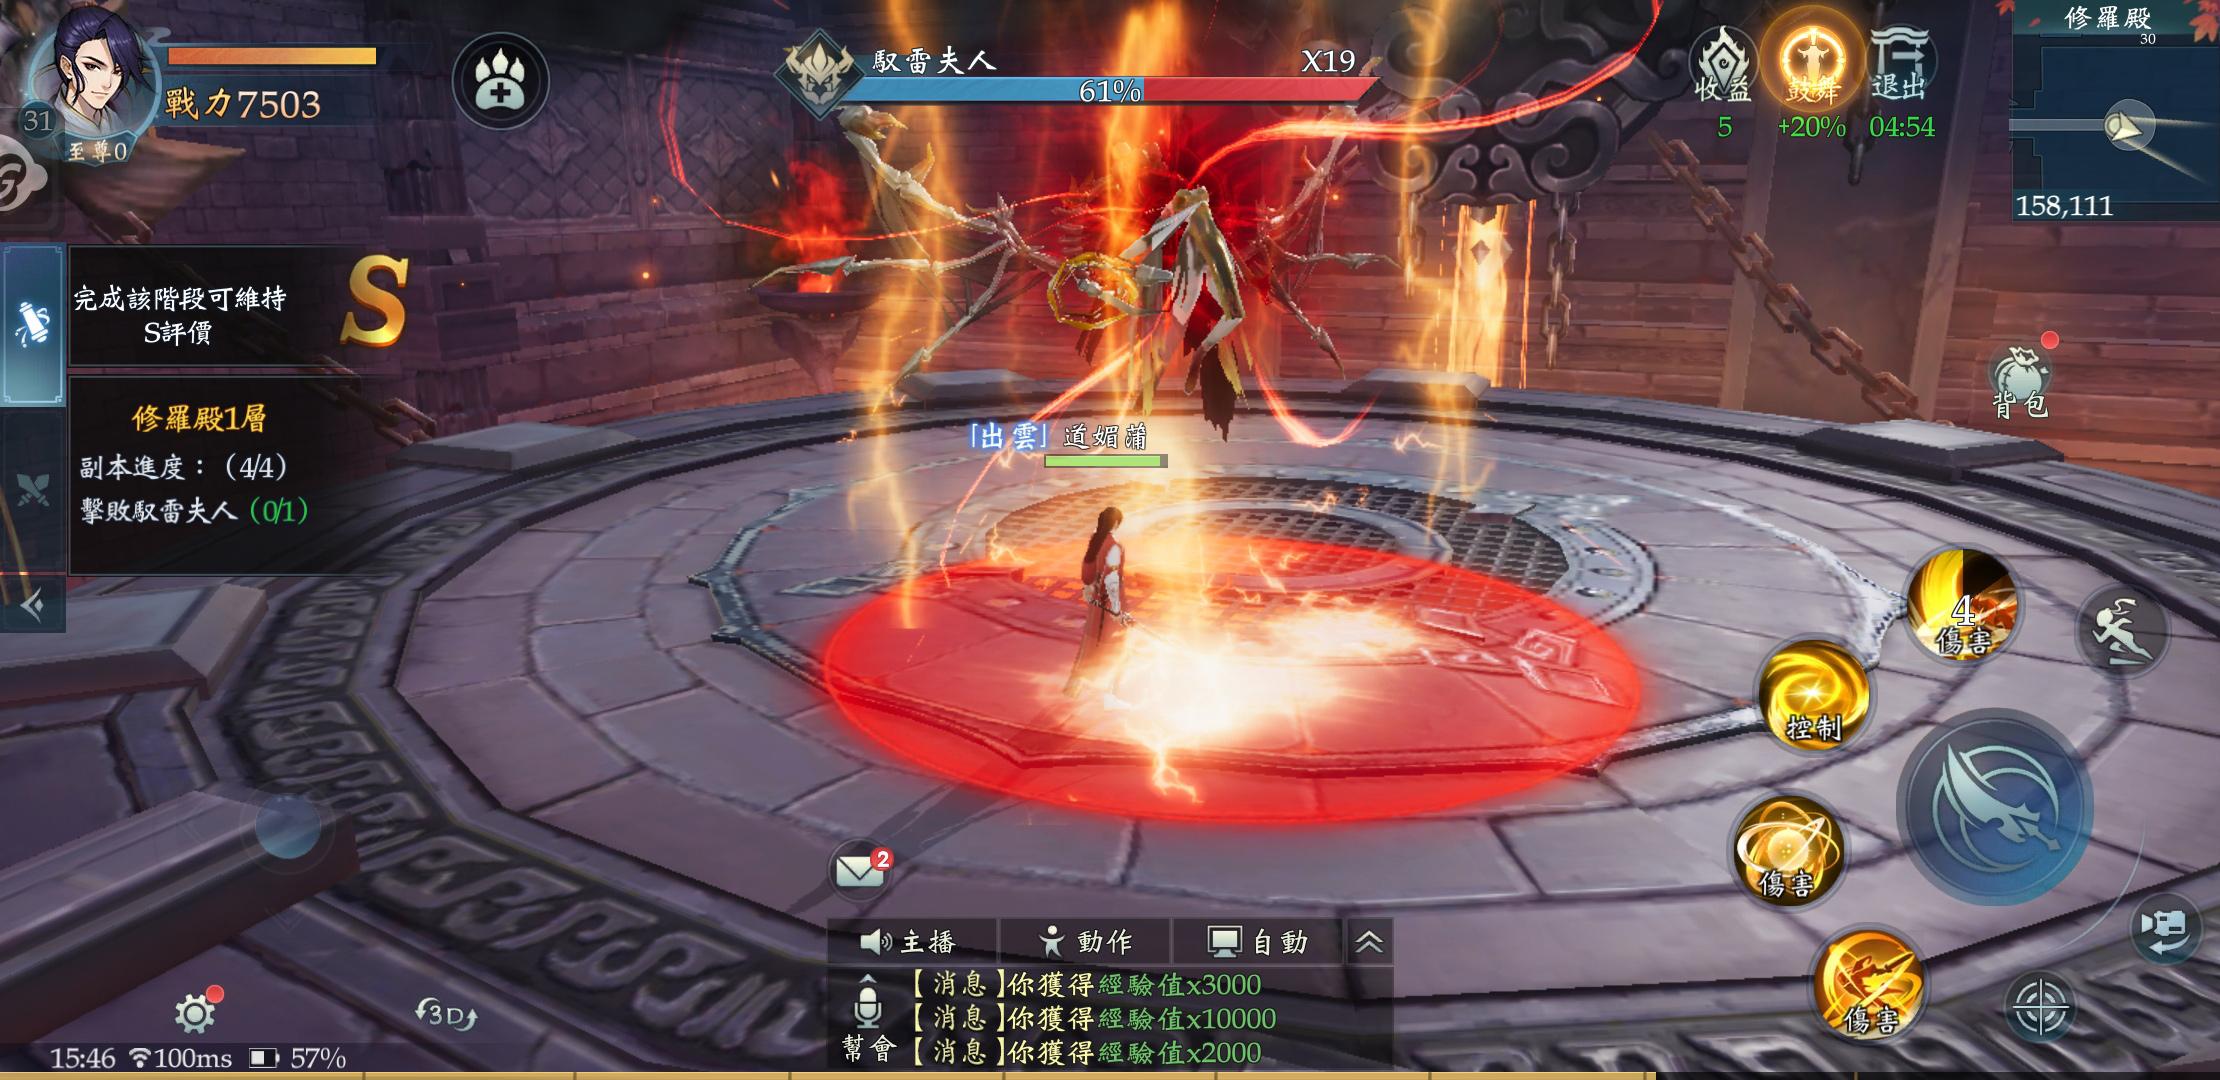 Huyễn Kiếm 3D Trò chơi thuộc thể loại MMORPG này được phát hành bởi 9Splay Huyen-kiem-3d-game4v-12